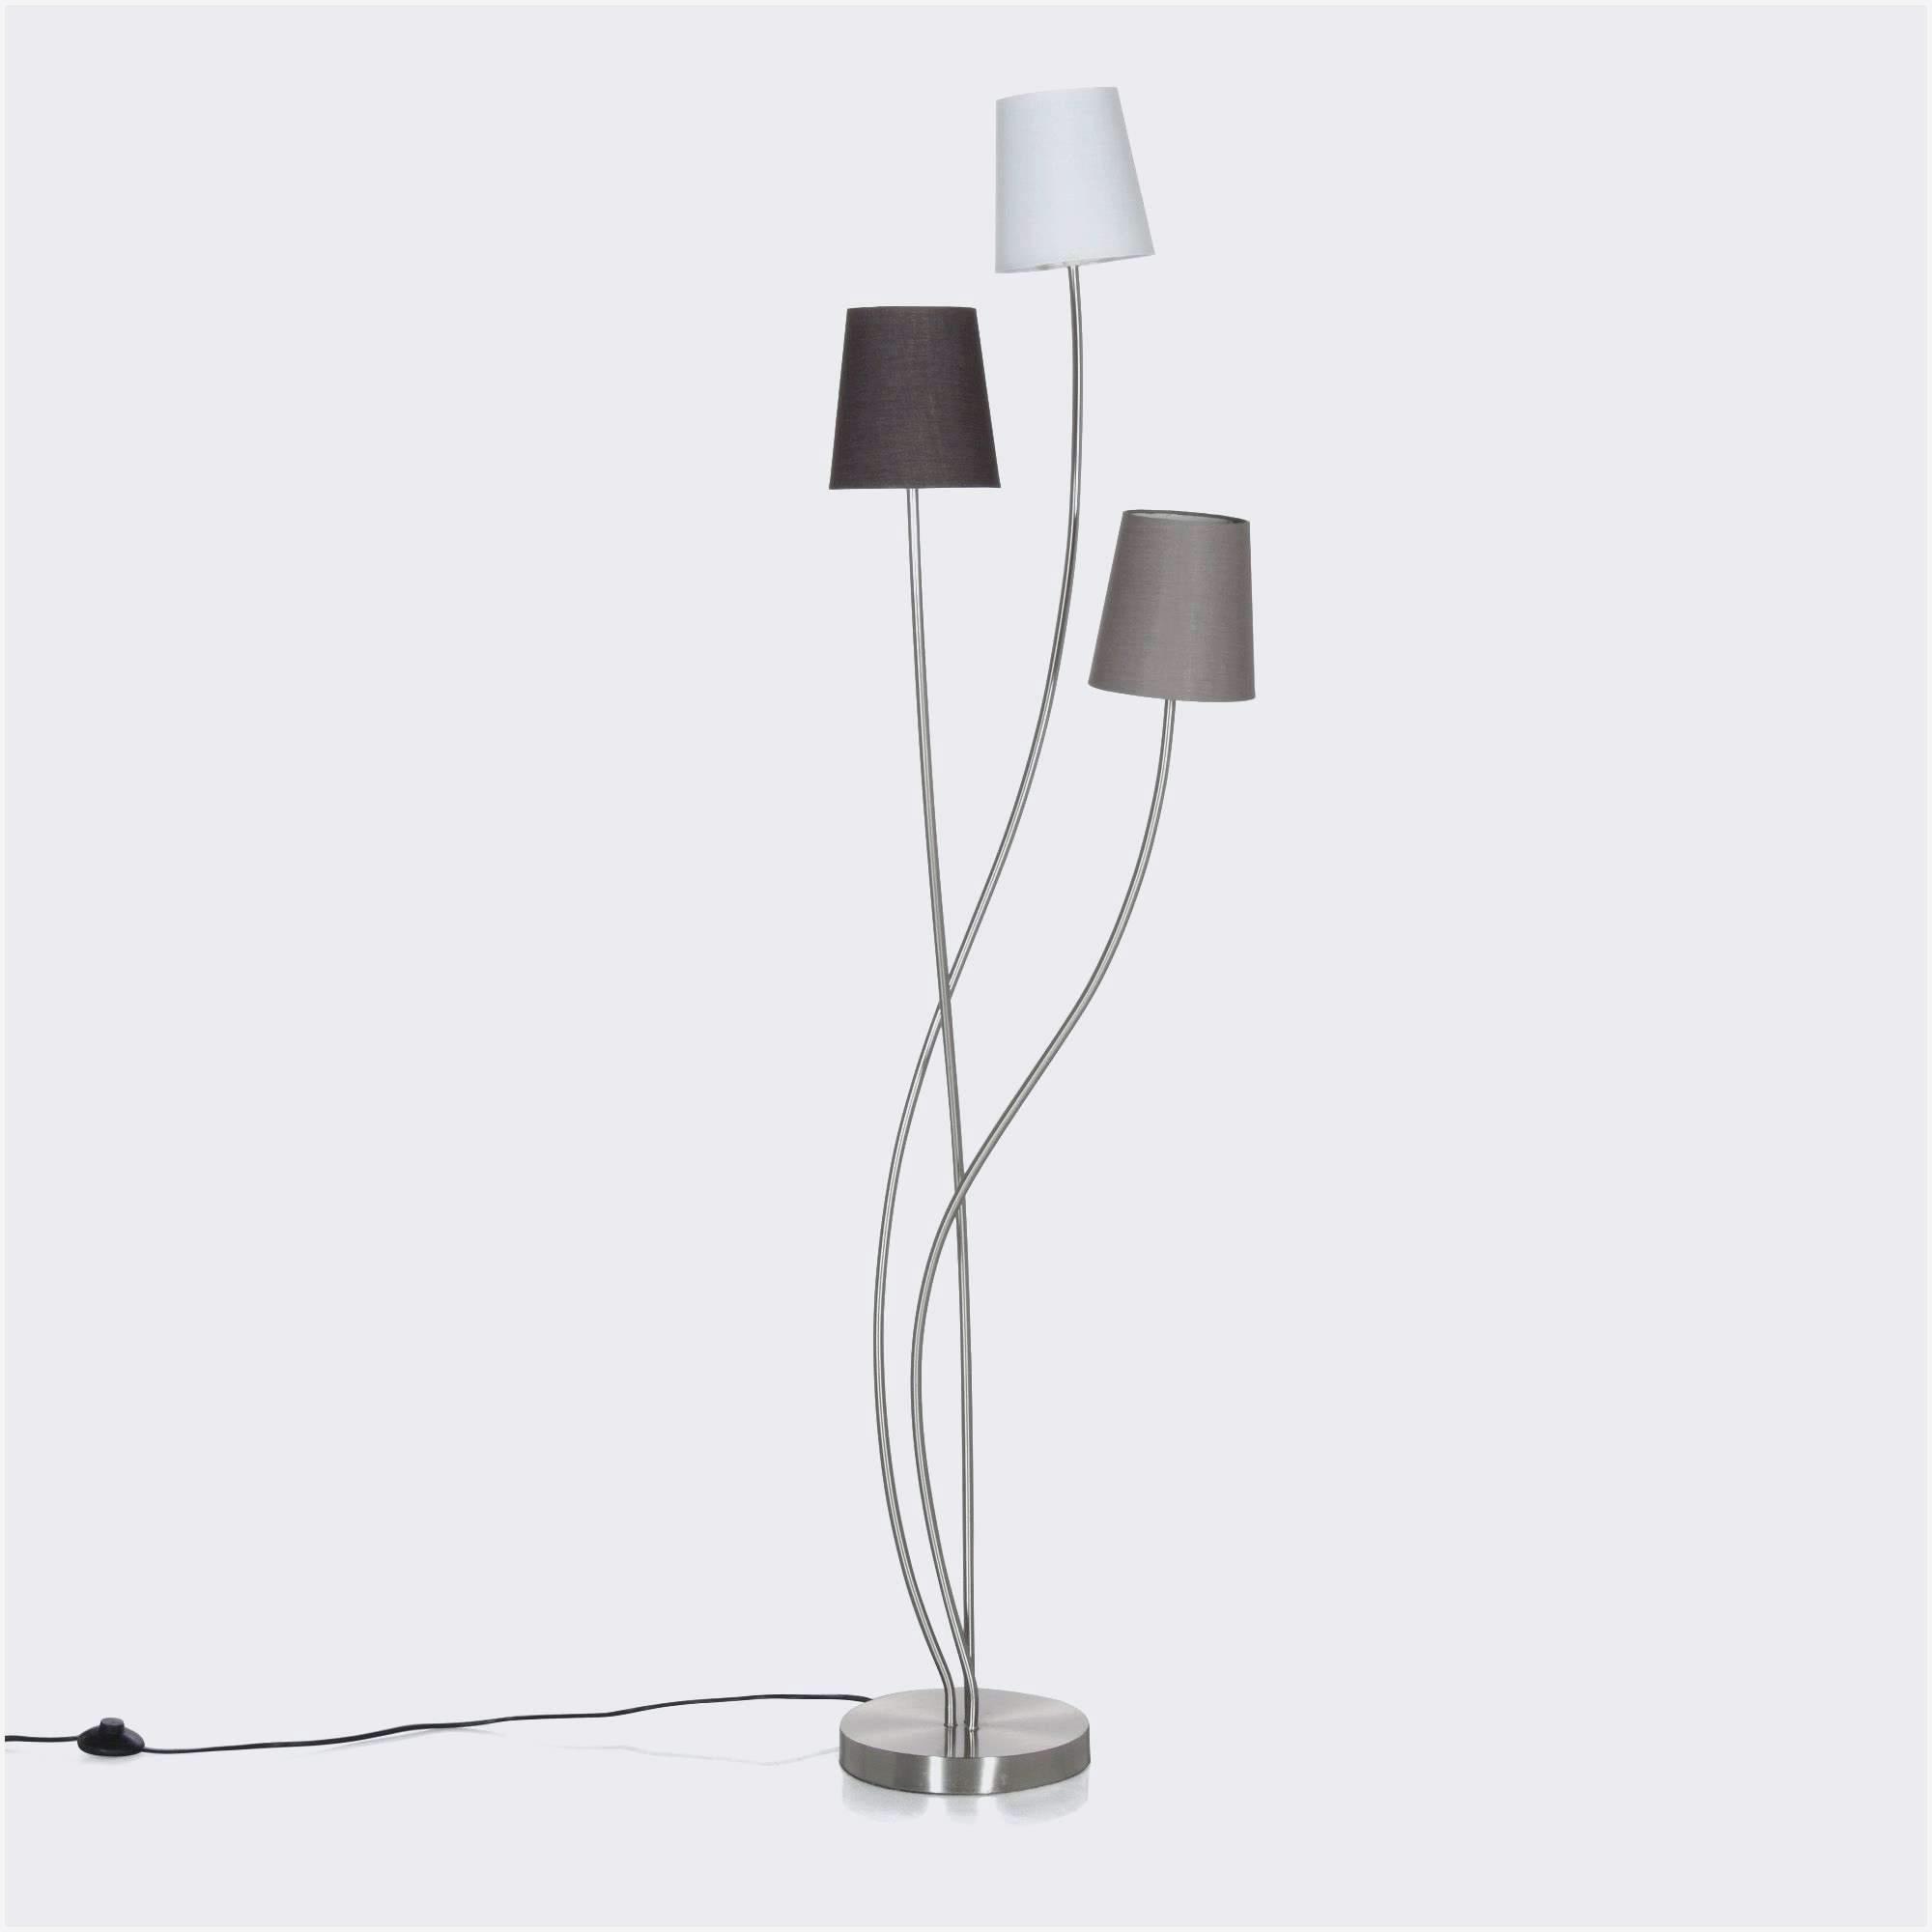 Full Size of Wohnzimmer Lampe Ikea Leuchten Lampen Stehend Von Decke Stoff Wei Traumhaus Bilder Fürs Deckenlampe Esstisch Stehlampen Schrank Bogenlampe Sofa Mit Wohnzimmer Wohnzimmer Lampe Ikea